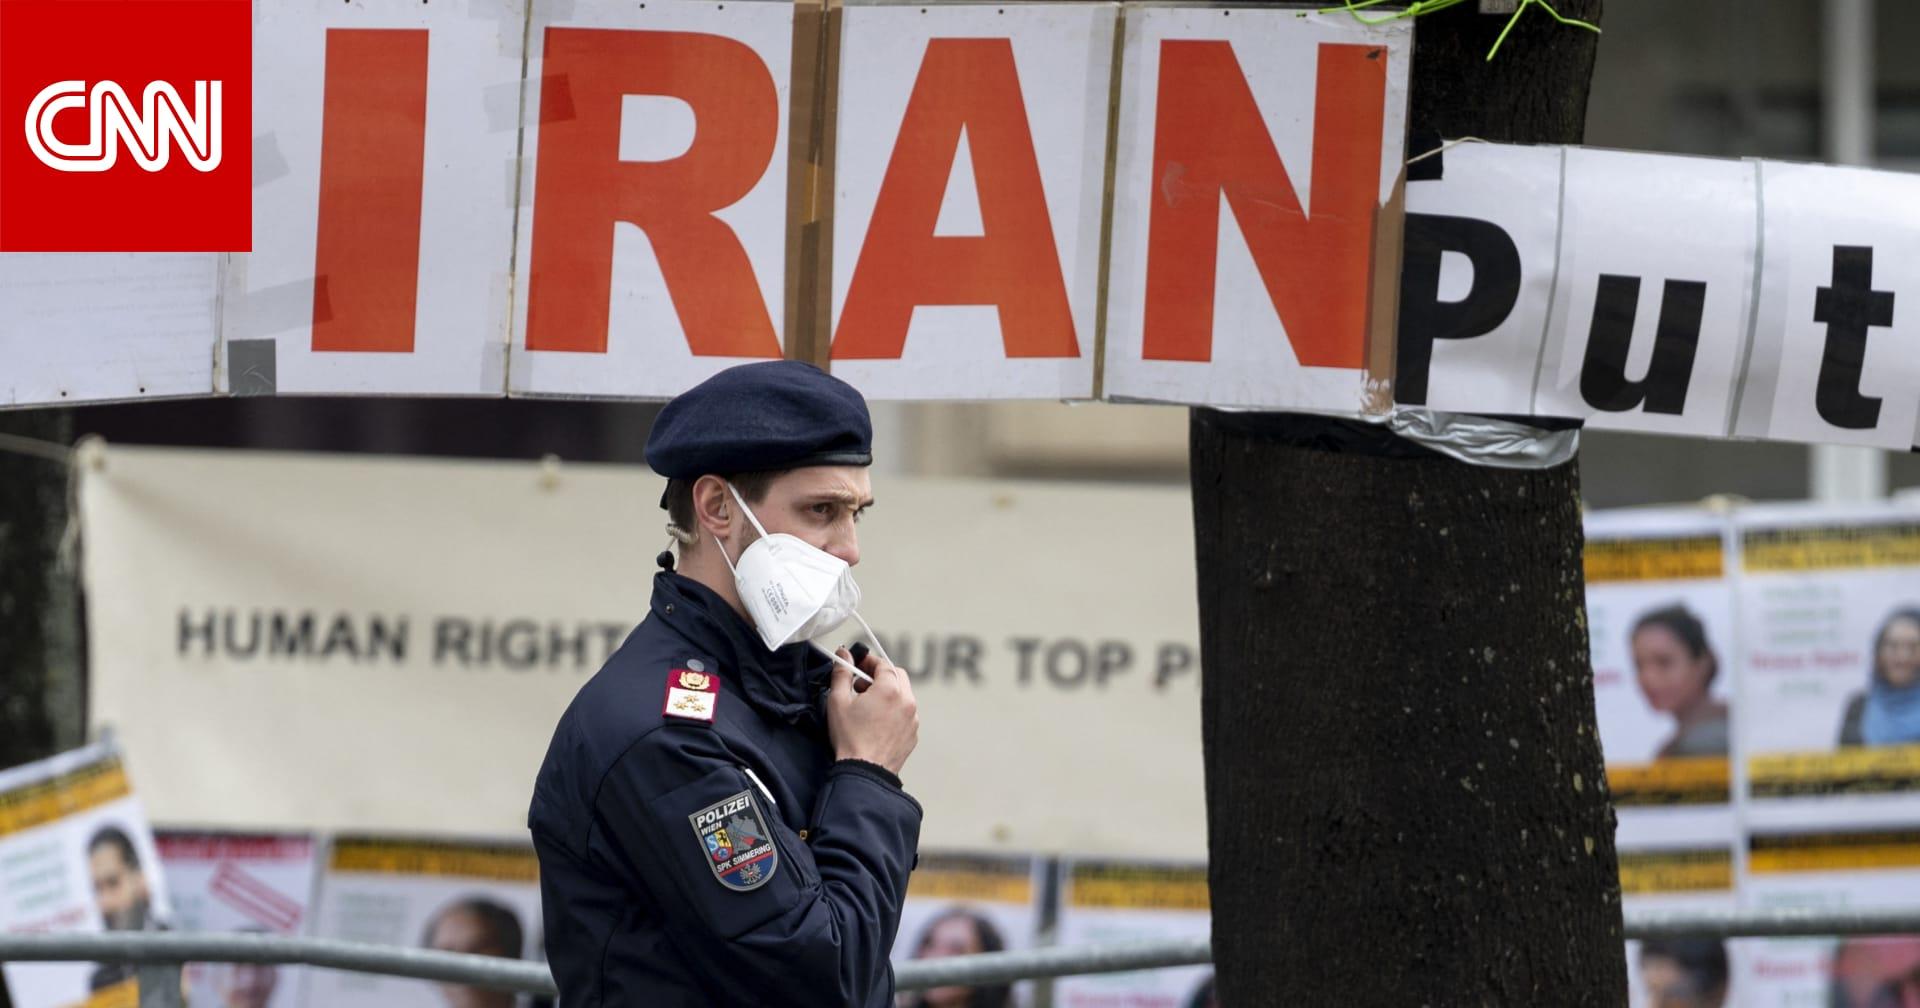 أمريكا تدرس إلغاء تجميد مليار دولار من أموال إيران وسط معارضة في الكونغرس